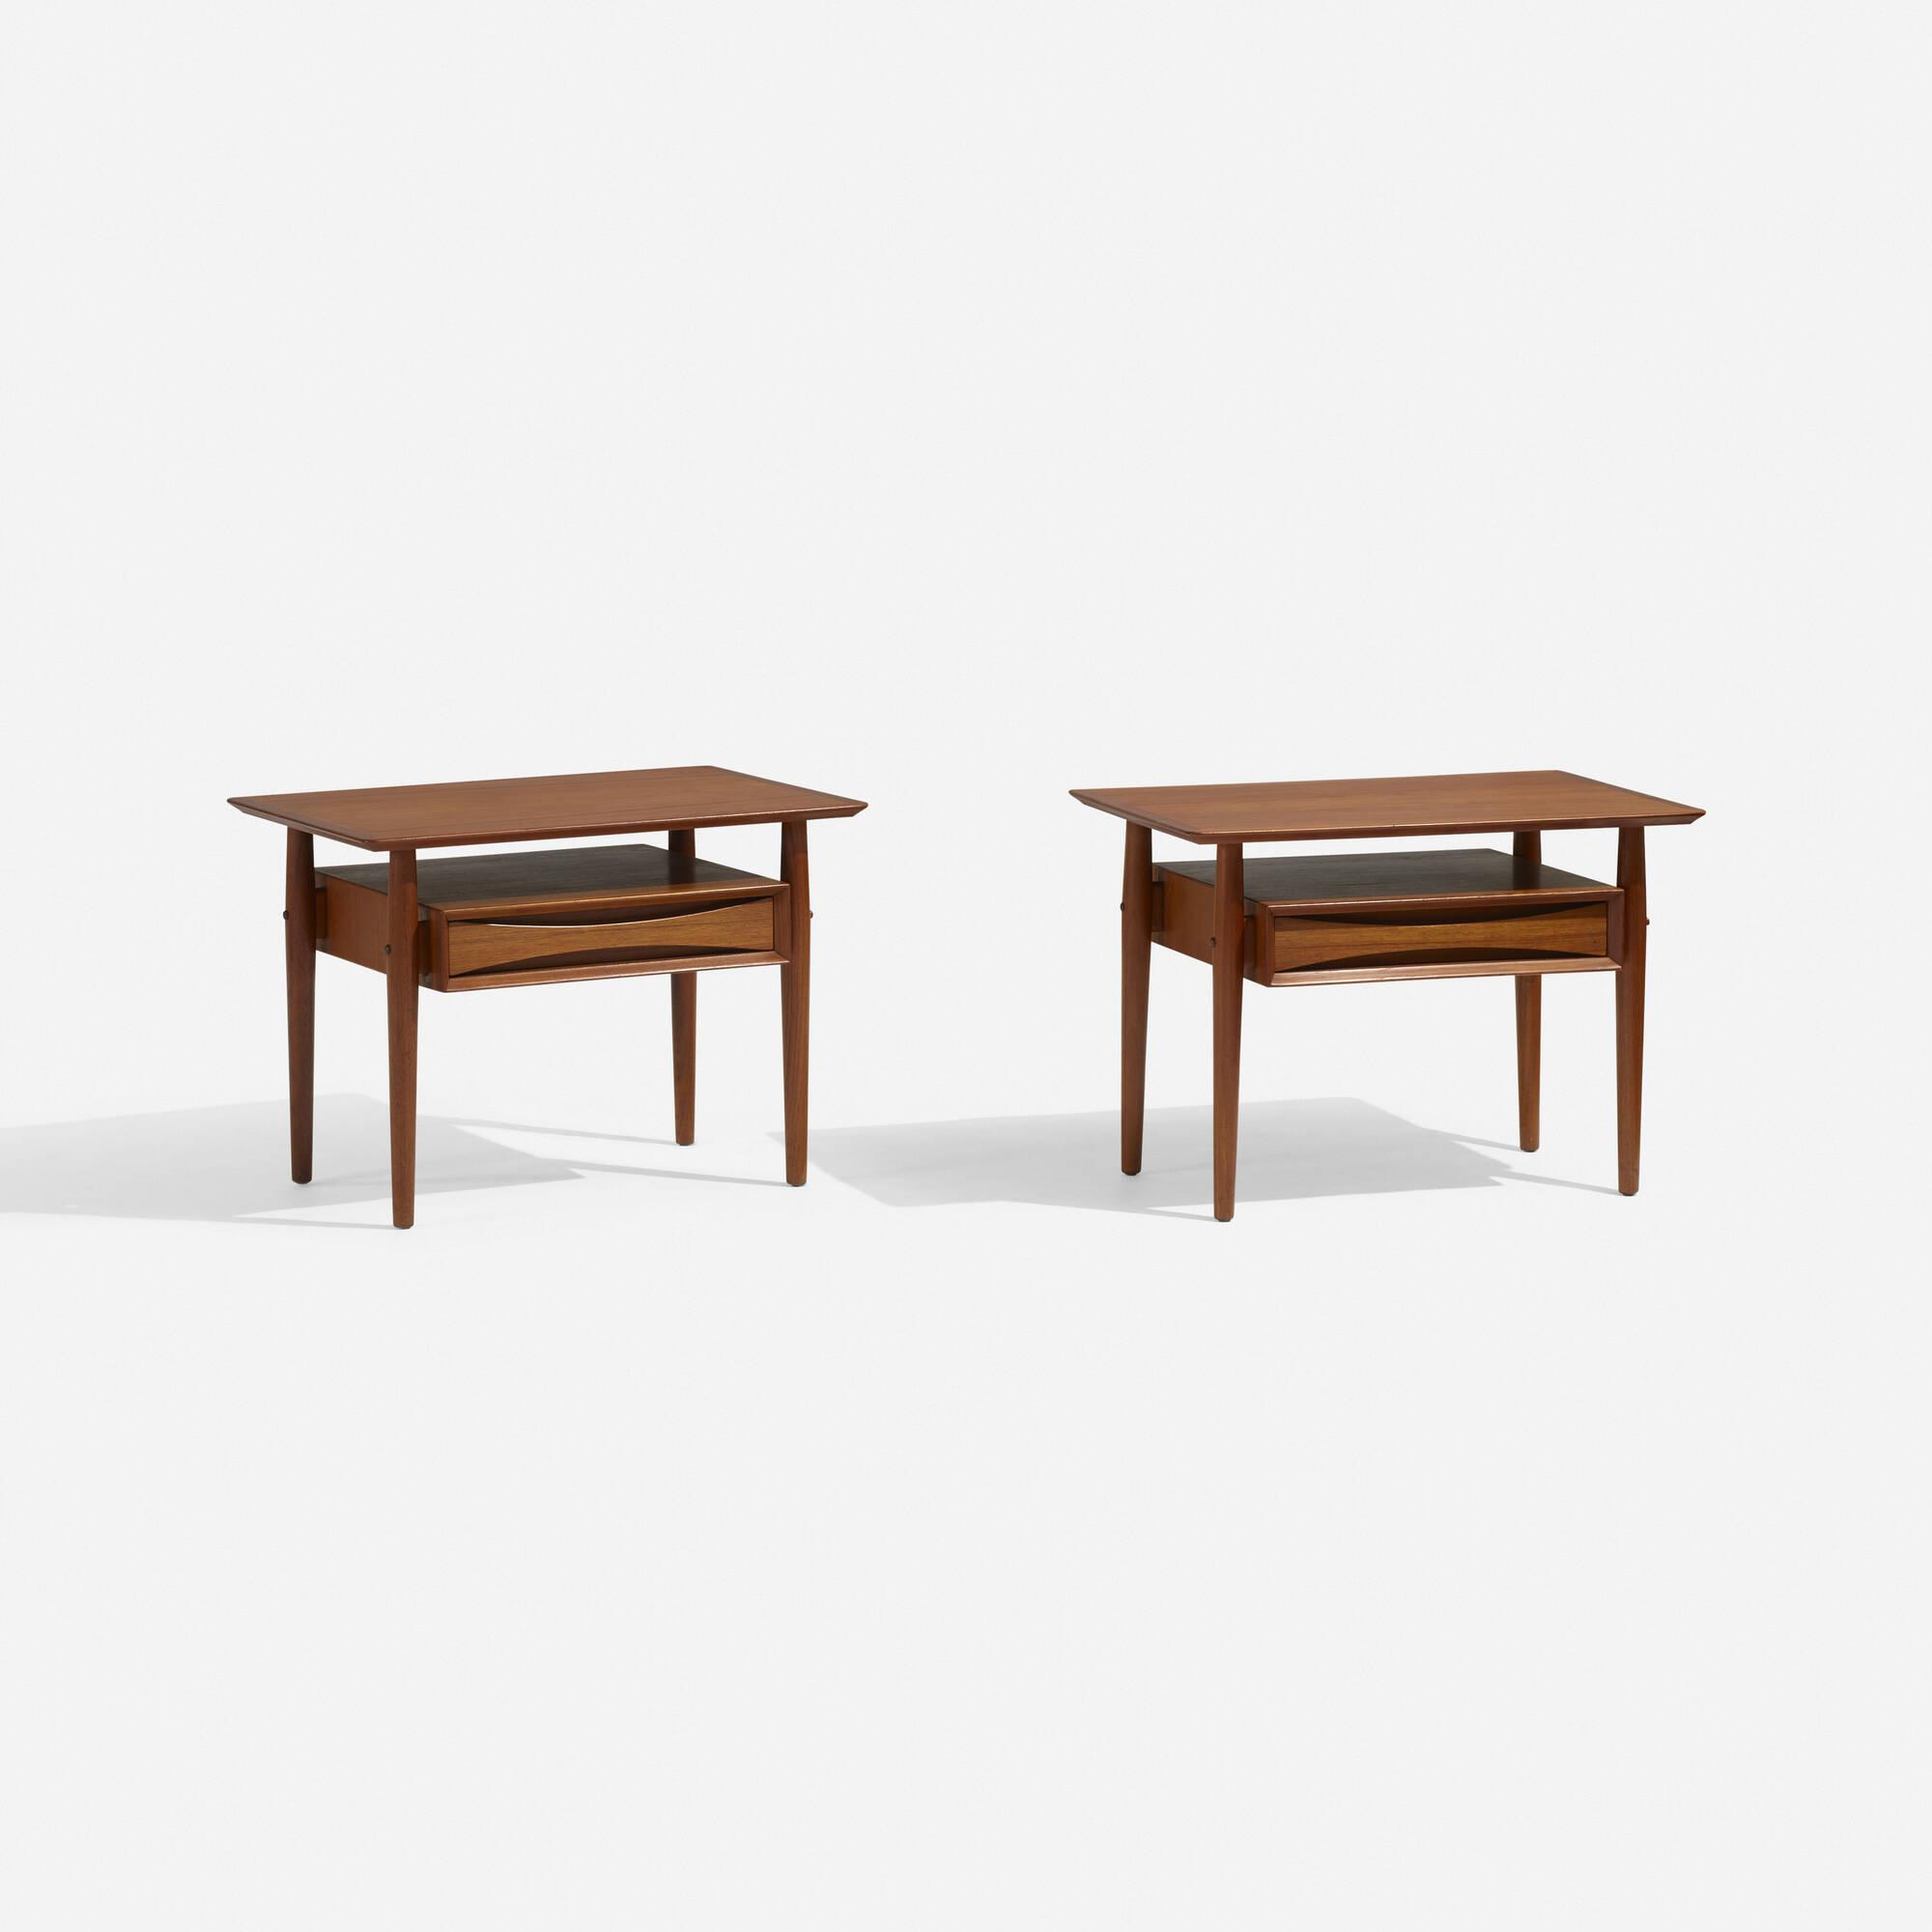 270: Arne Vodder / nightstands, pair (1 of 3)